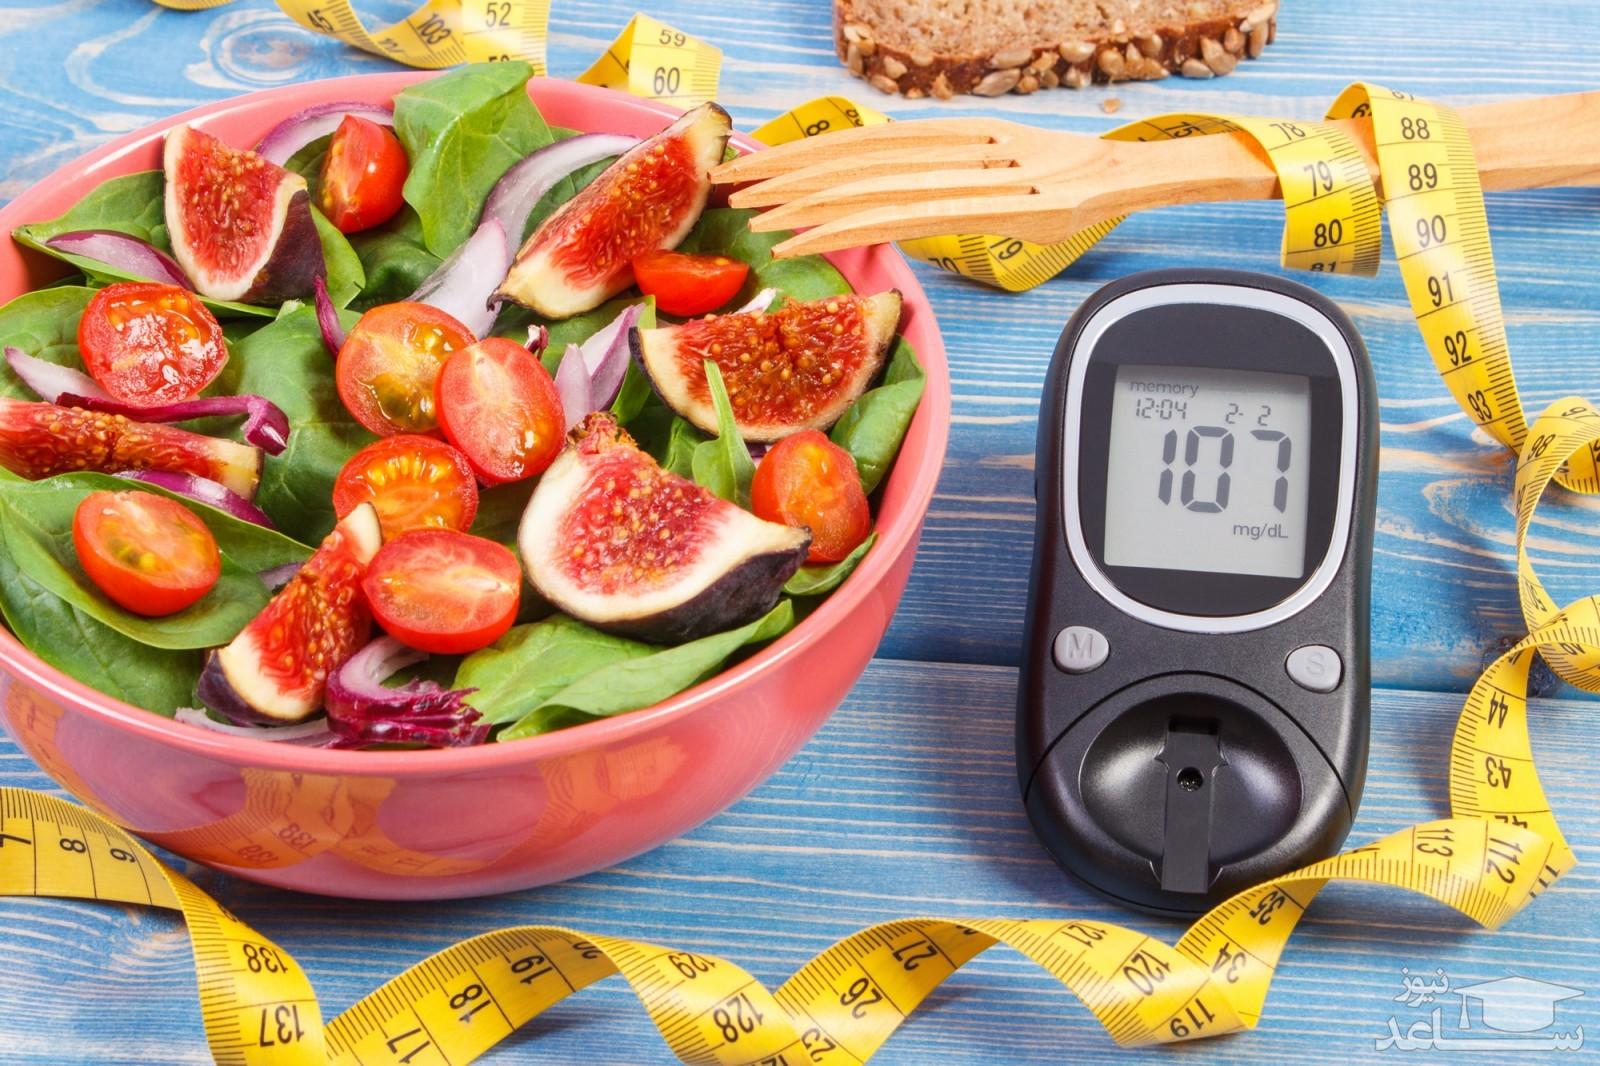 شدت شیوع دیابت، کلسترول خون، فشار خون در این استان بالاتر از میانگین کشوری